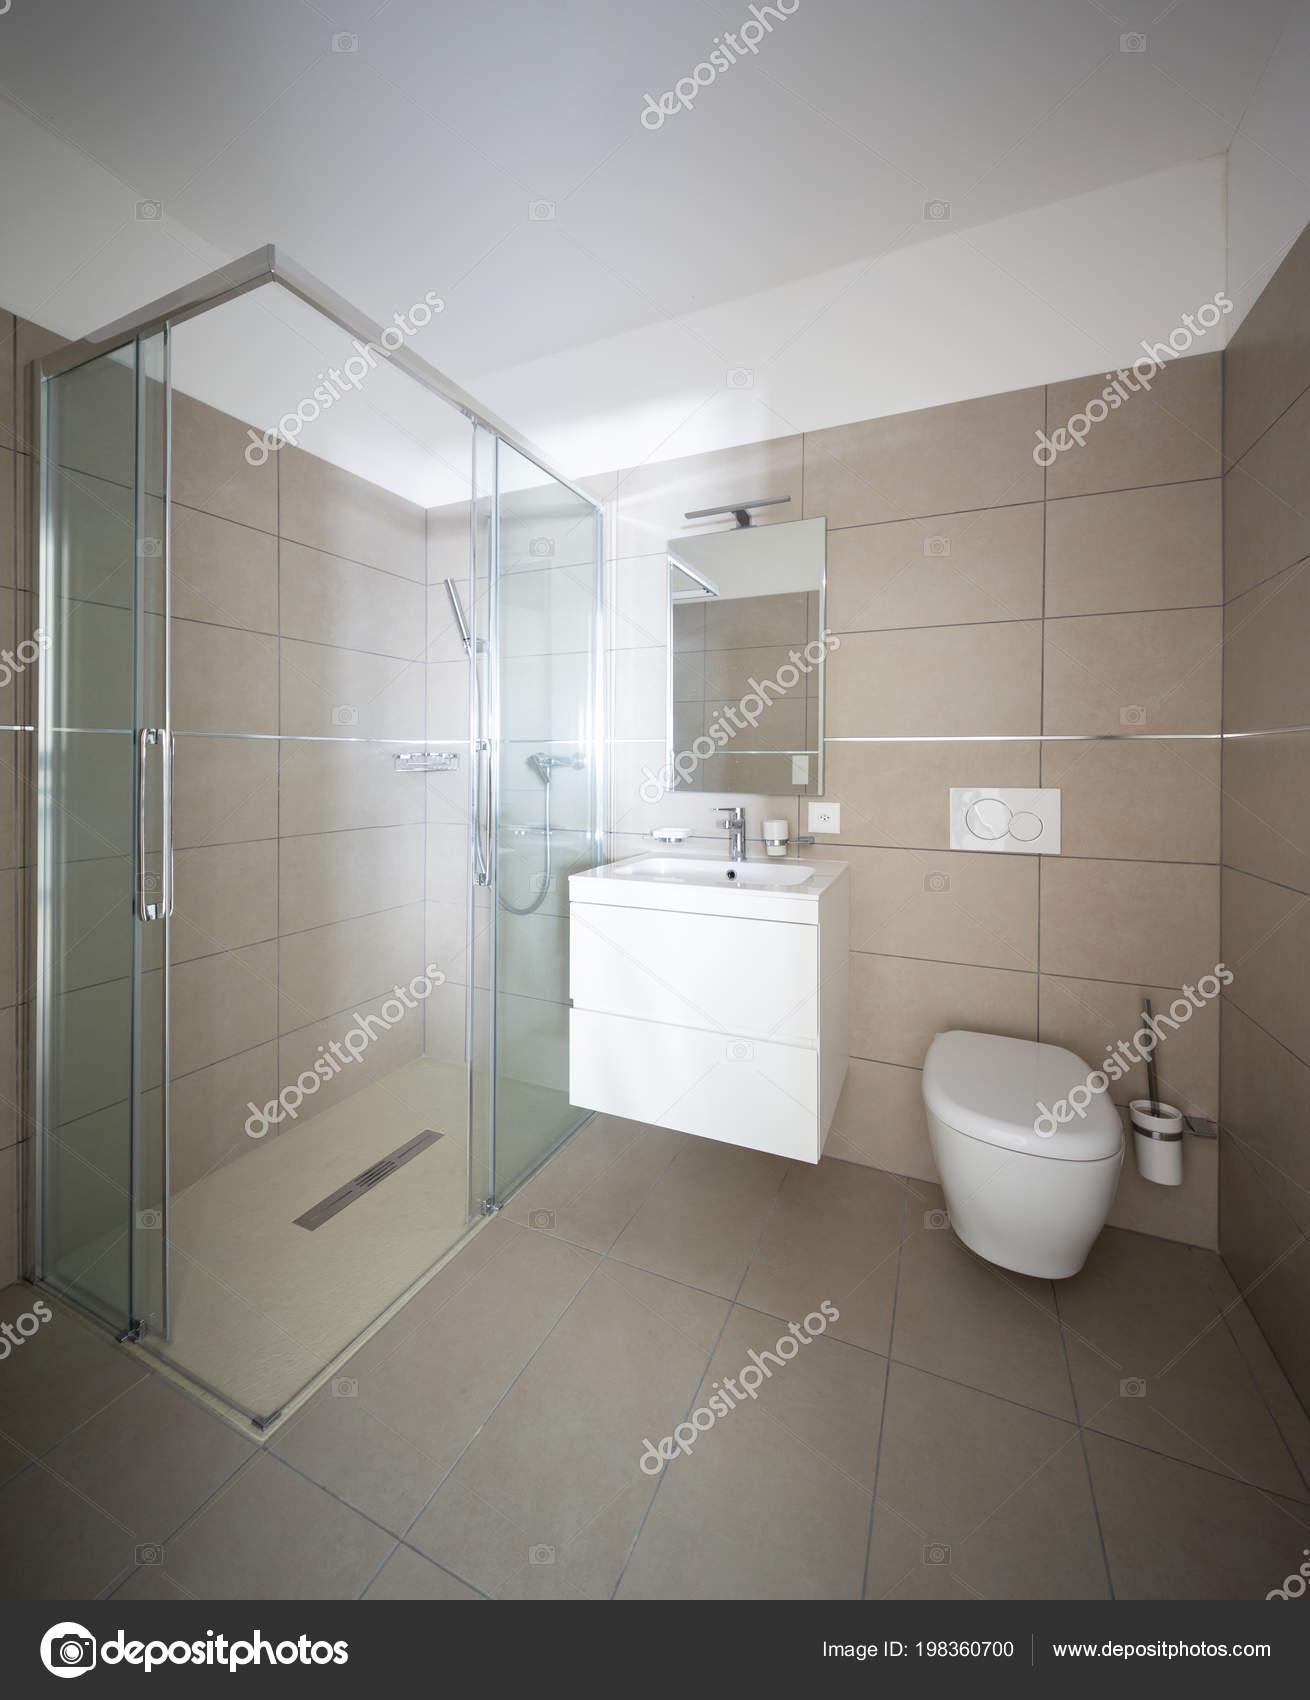 Bagno Con Piastrelle Grandi.Moderno Bagno Con Piastrelle Grandi Dimensioni Appartamento